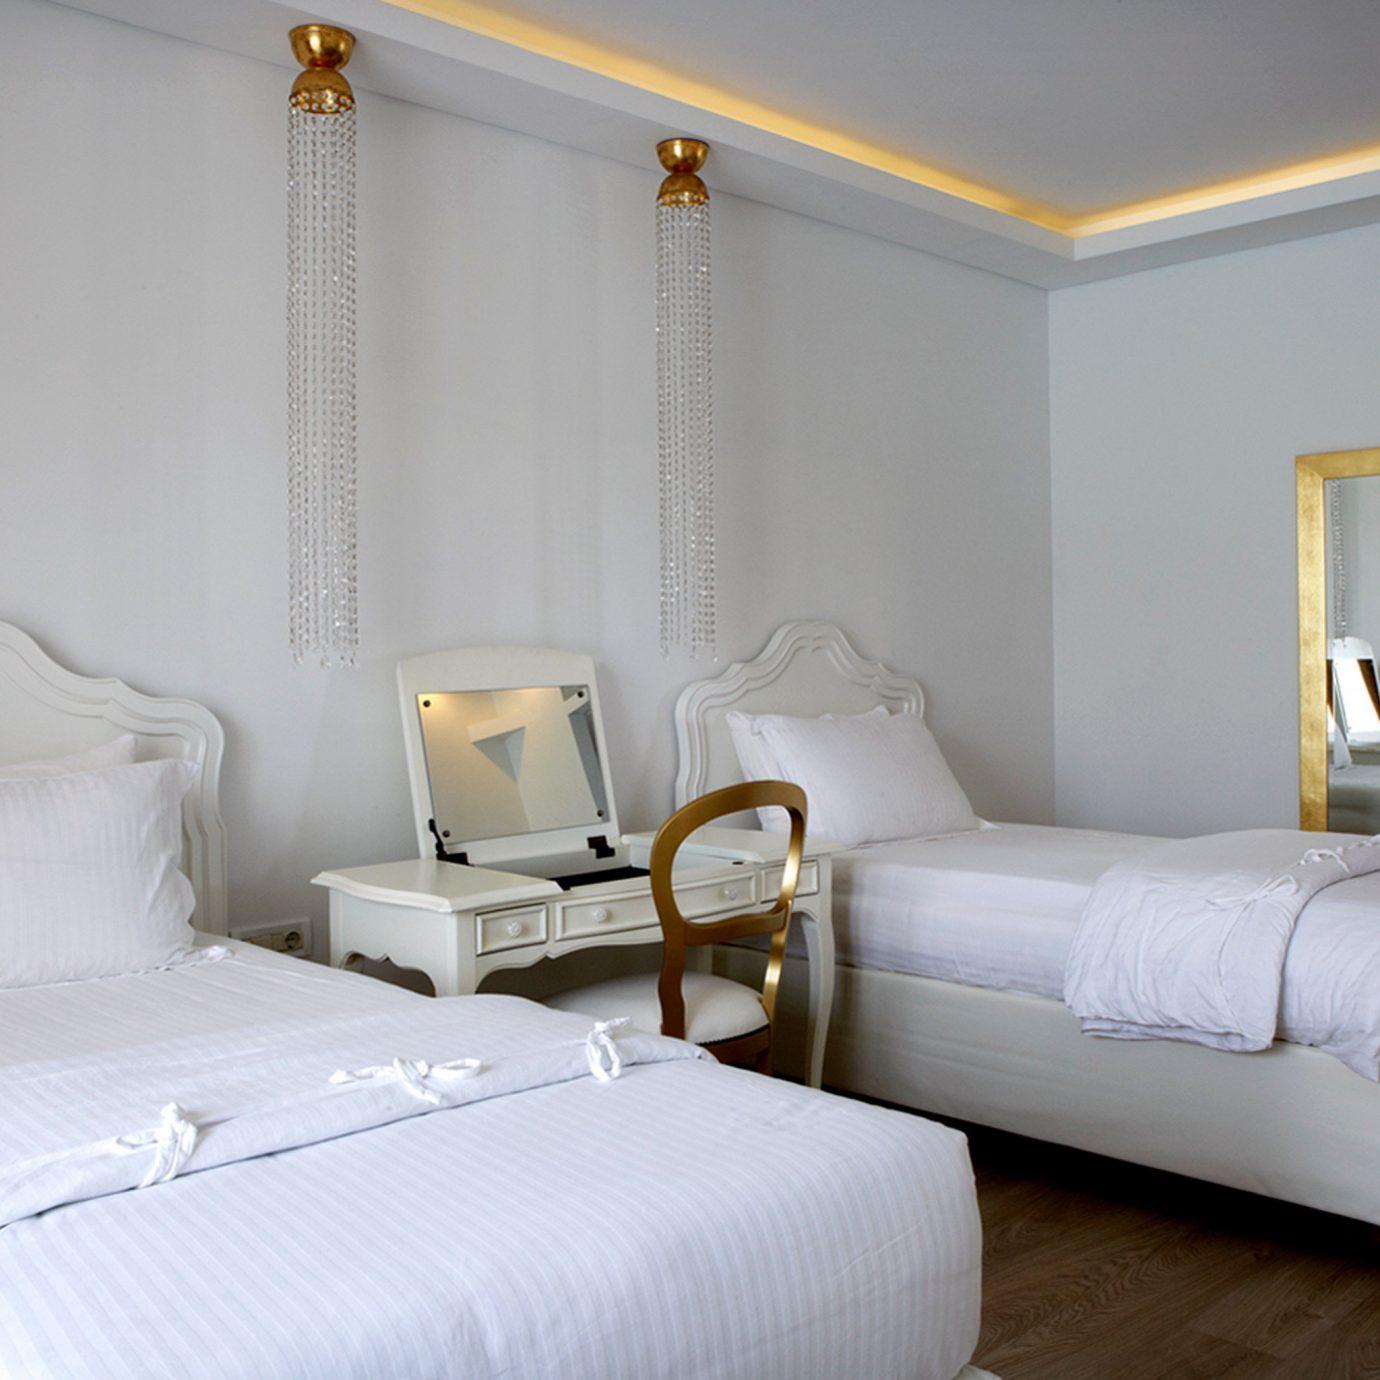 Bedroom Hip Luxury Modern Suite property cottage living room bed sheet bed frame